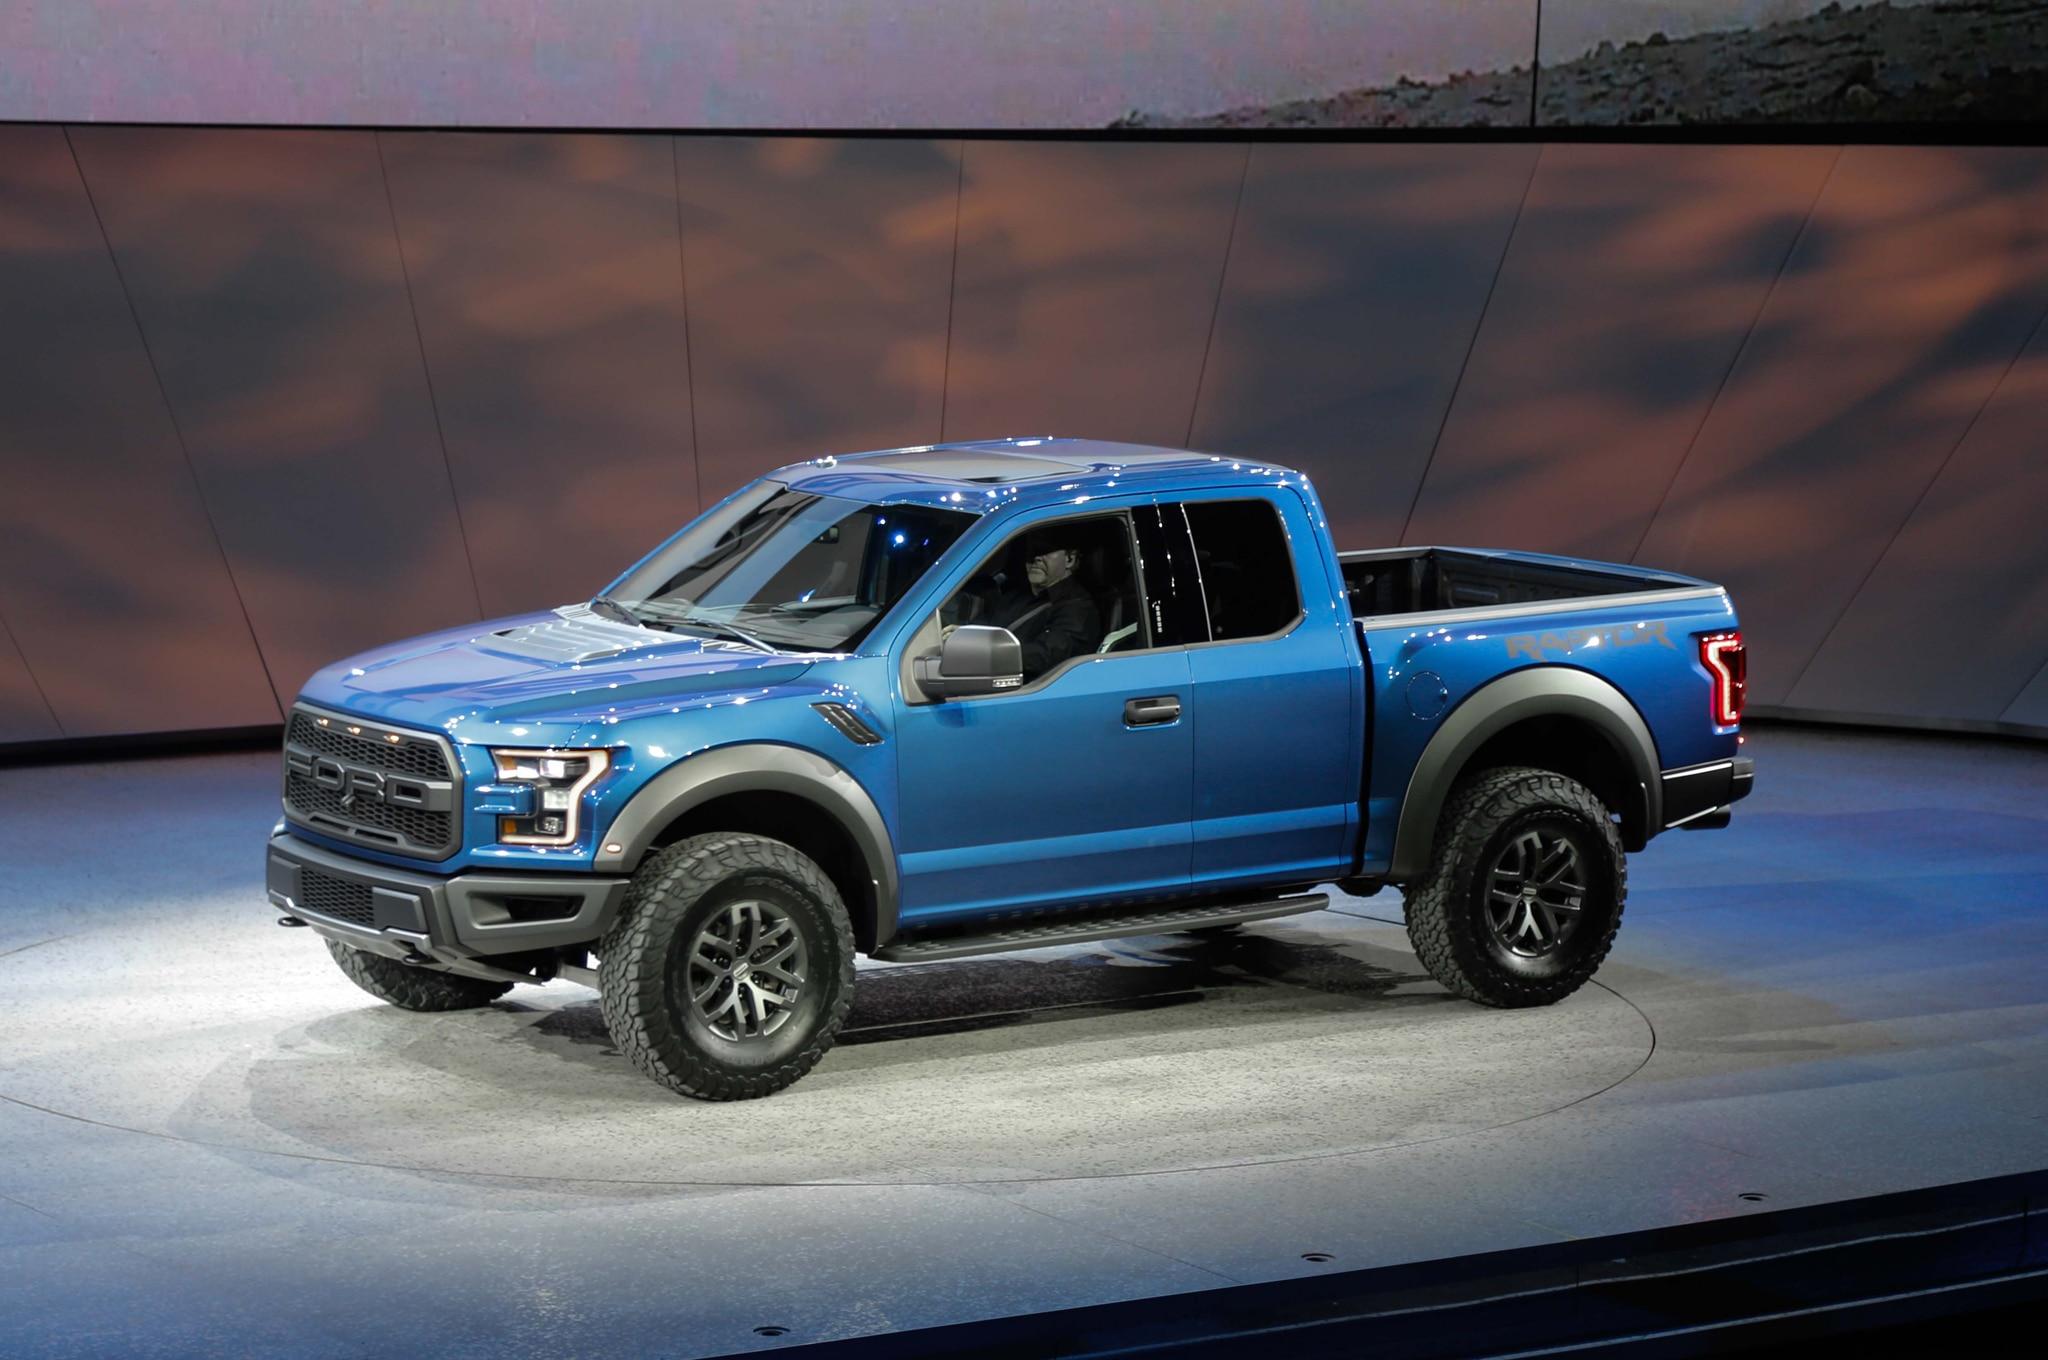 2017 Ford Raptor Mpg >> 2017 Ford F-150 SVT Raptor Adds 3.5-Liter EcoBoost, 10 ...